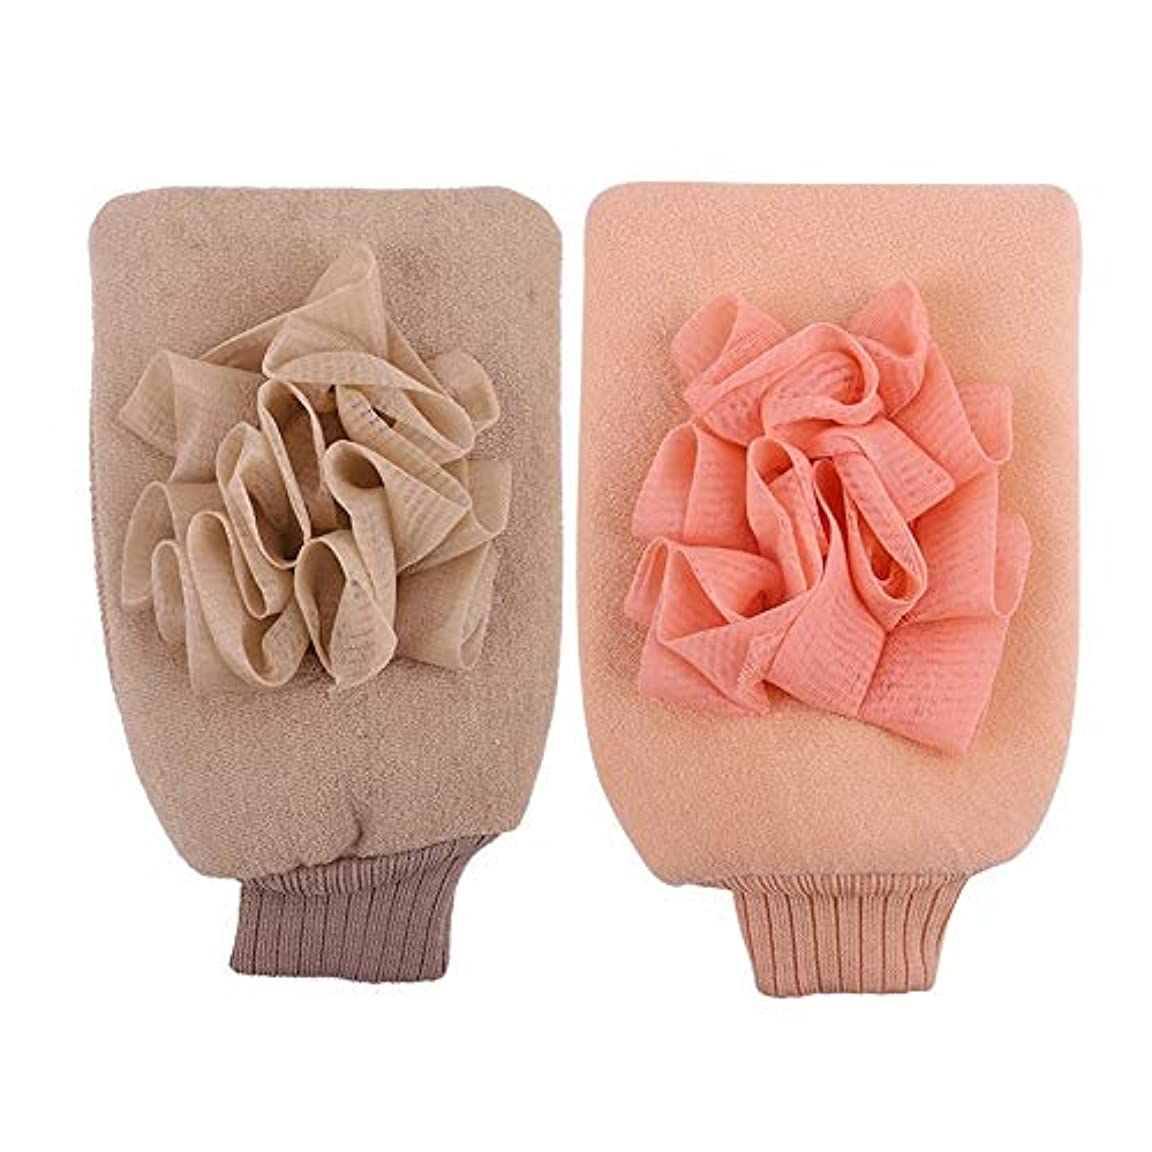 考え結核彫刻家BTXXYJP お風呂用手袋 シャワー手袋 あかすり手袋 ボディブラシ やわらか ボディタオル バス用品 男女兼用 角質除去 (Color : Pink+beige)